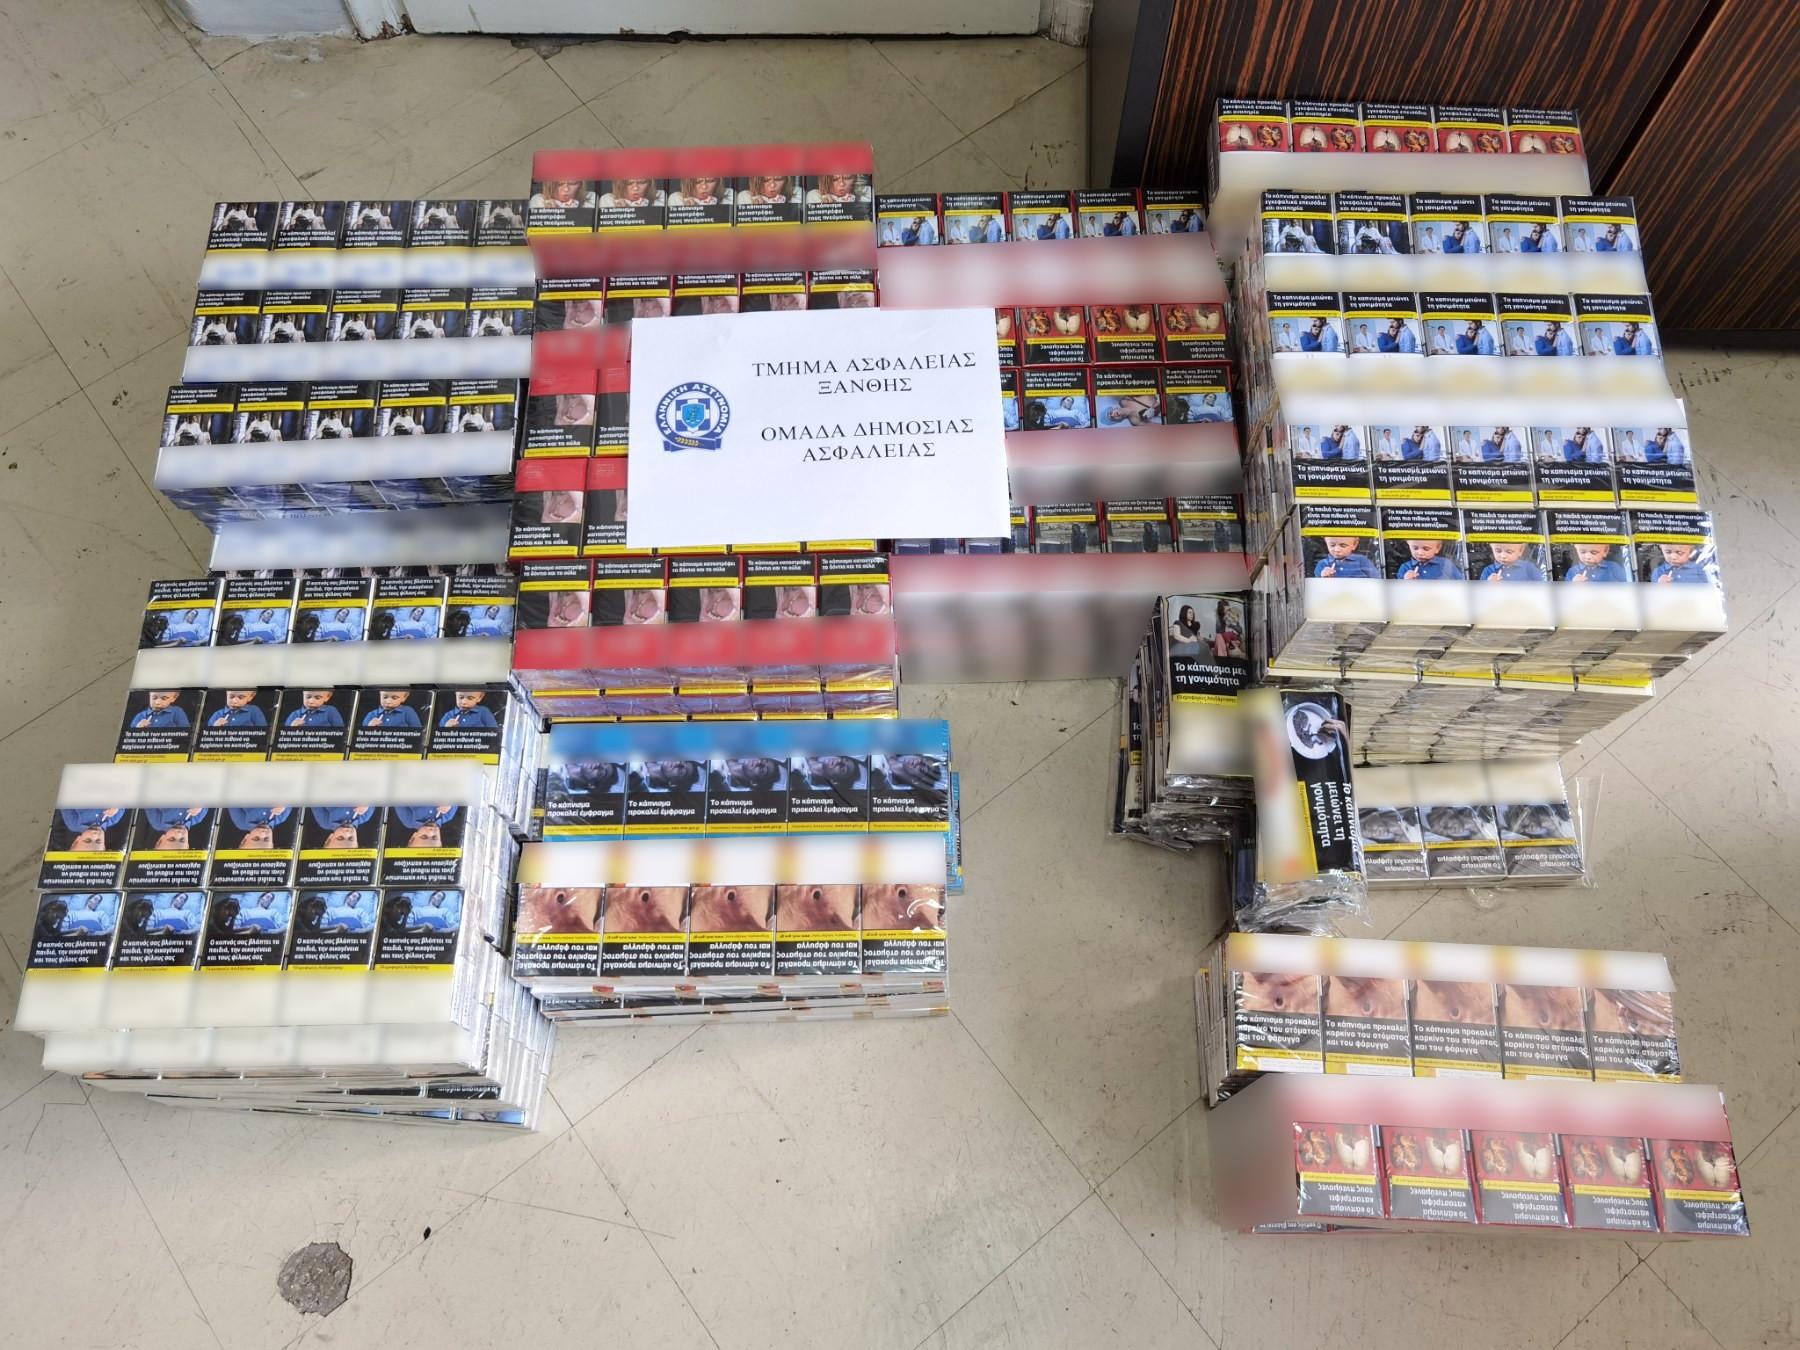 Ξάνθη: Έκρυβε εκατοντάδες λαθραία τσιγάρα και καπνό σε αποθήκη